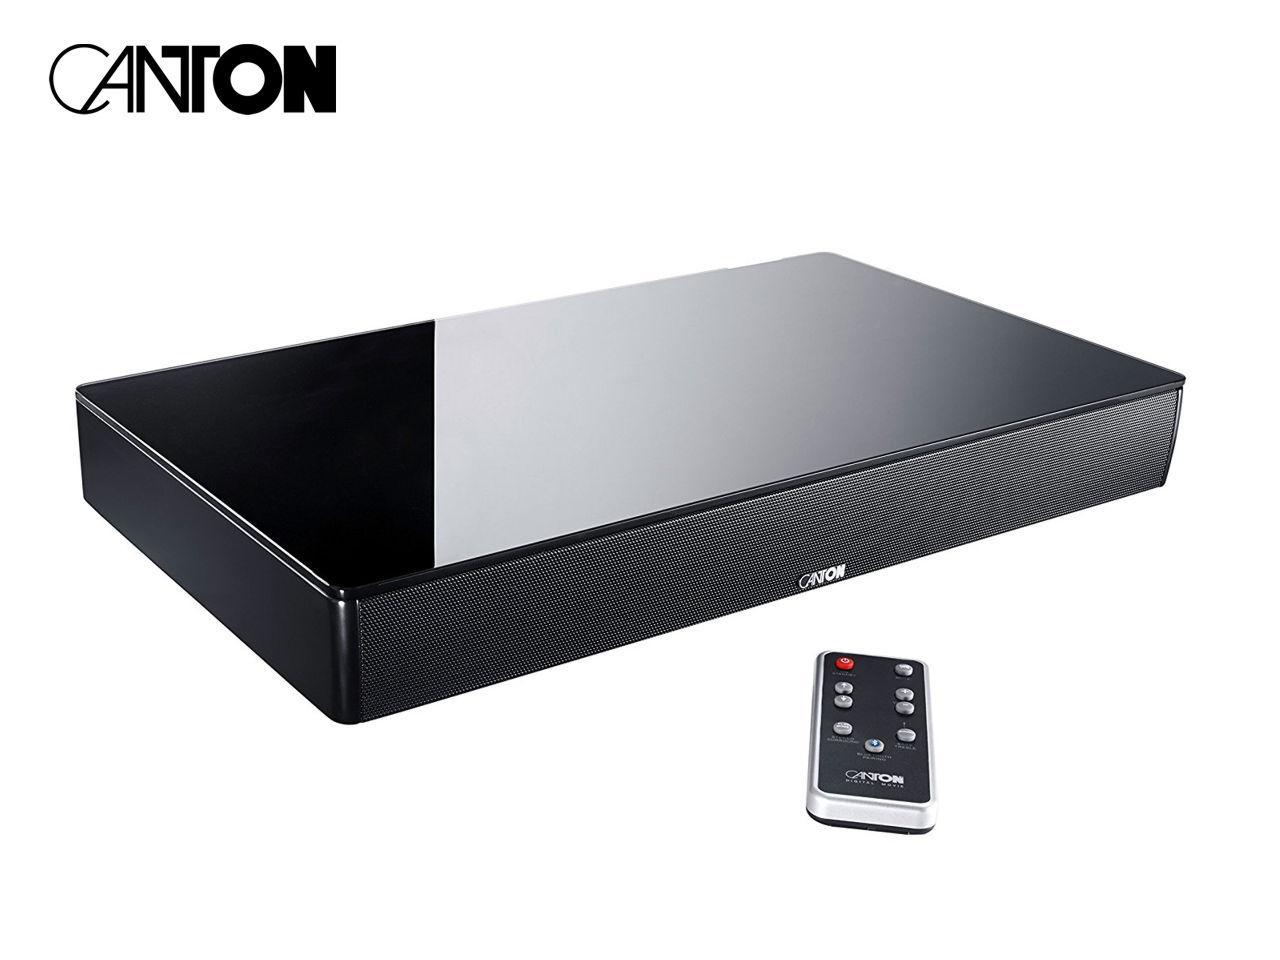 CANTON DM 50 SE + 300 Kč na dárky nebo další nákup | CHAT on-line podpora PO-PÁ 8-22.00!!